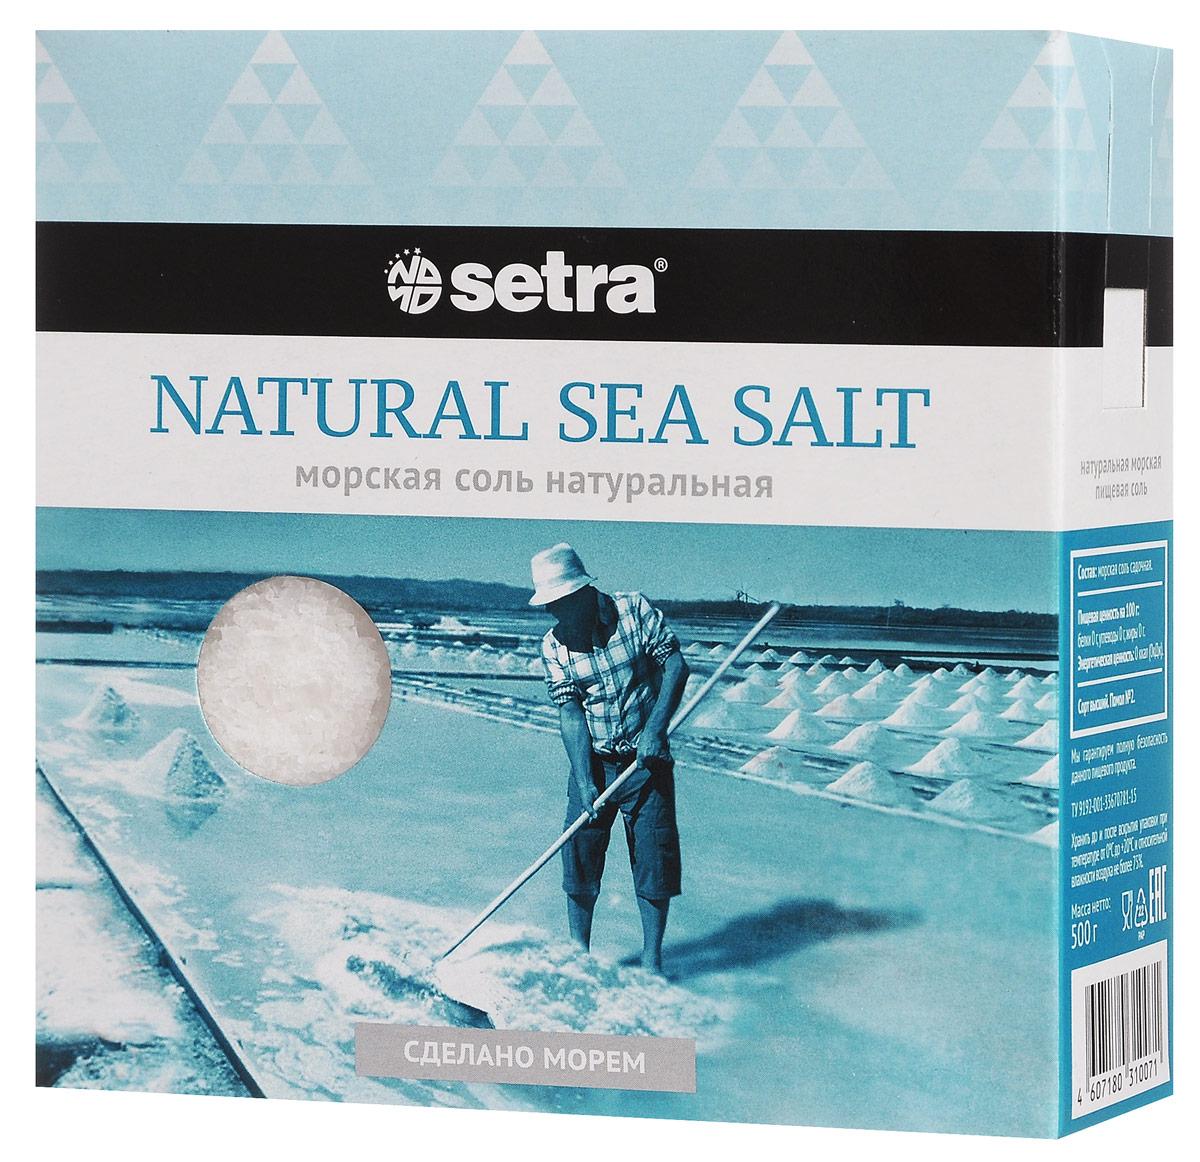 Setra соль морская натуральная без добавок, 500 г setra печень трески натуральная 120 г